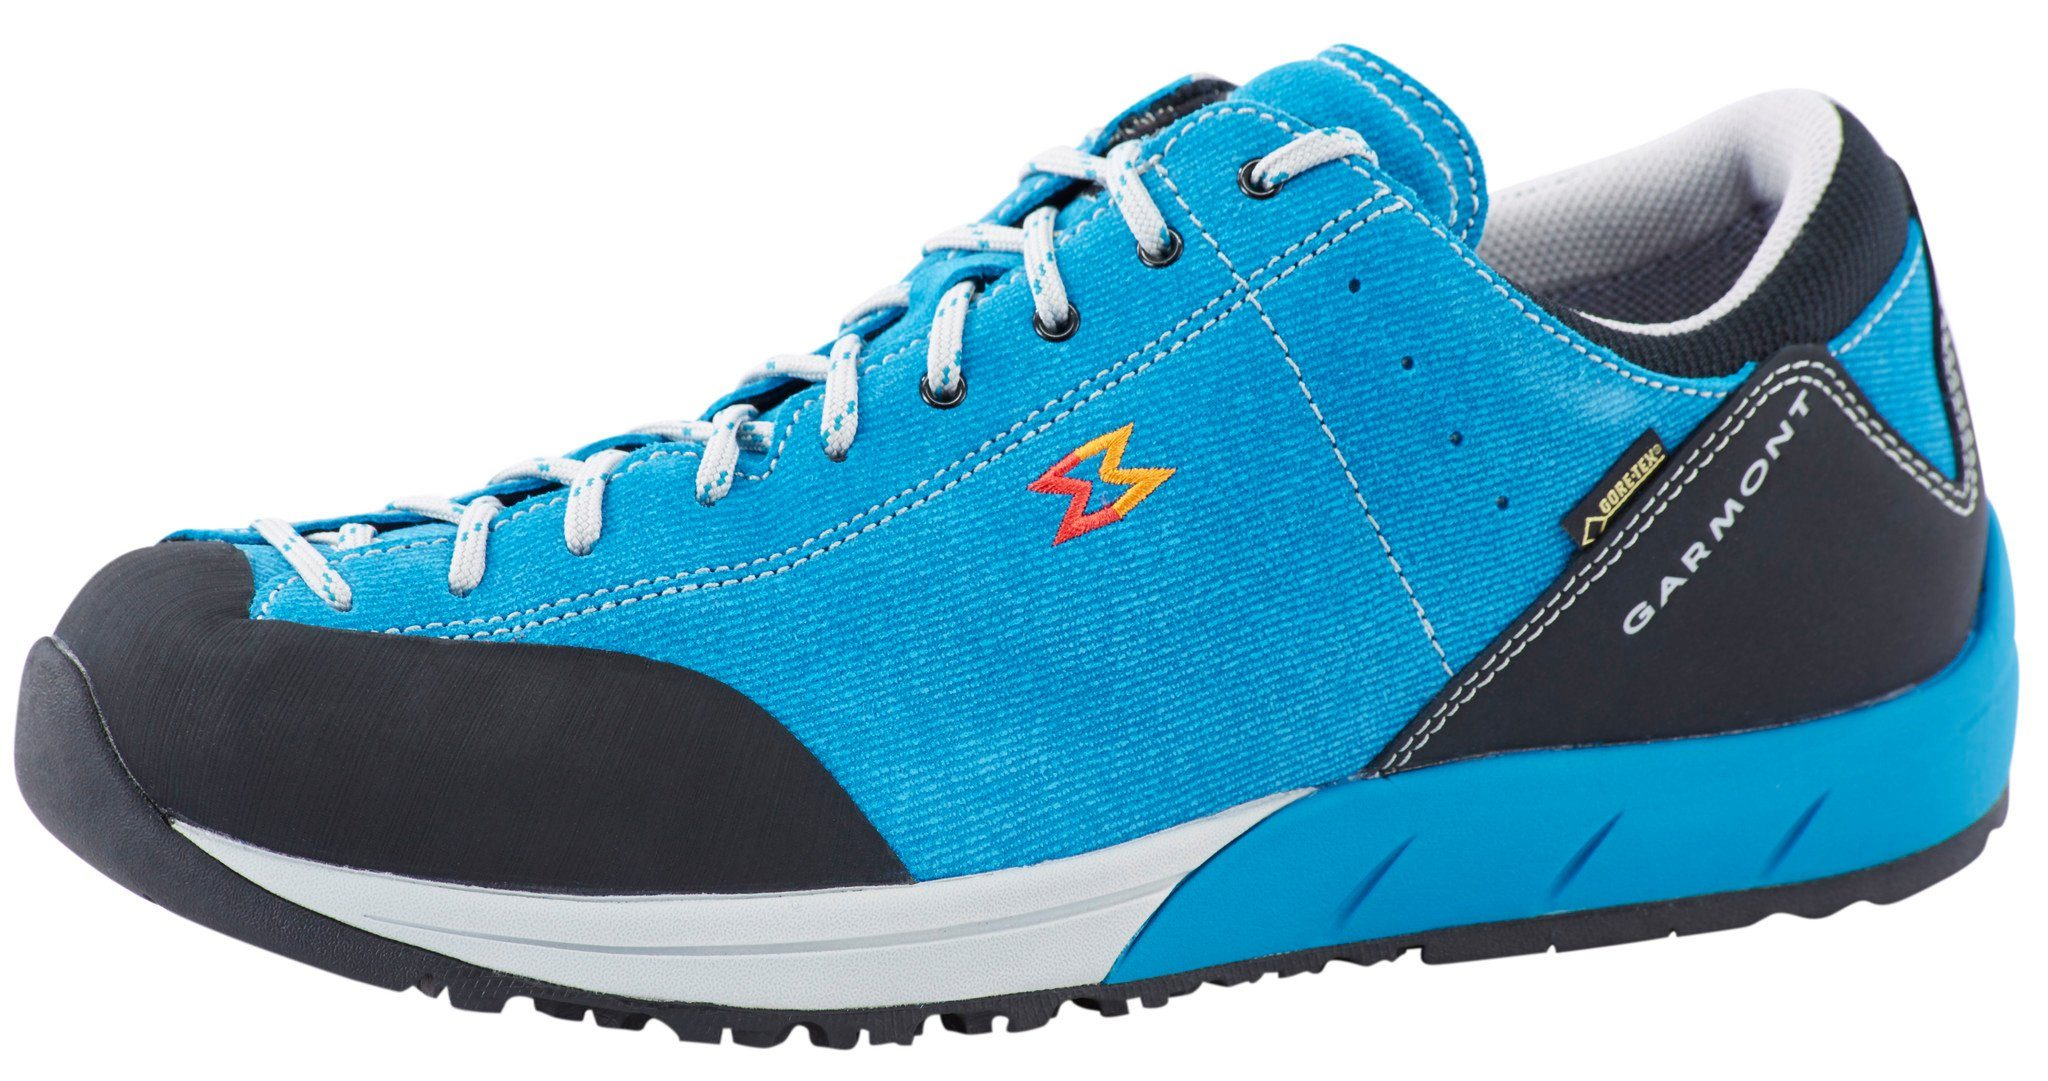 Garmont Kletterschuh Sticky Star GTX Men blue  blau